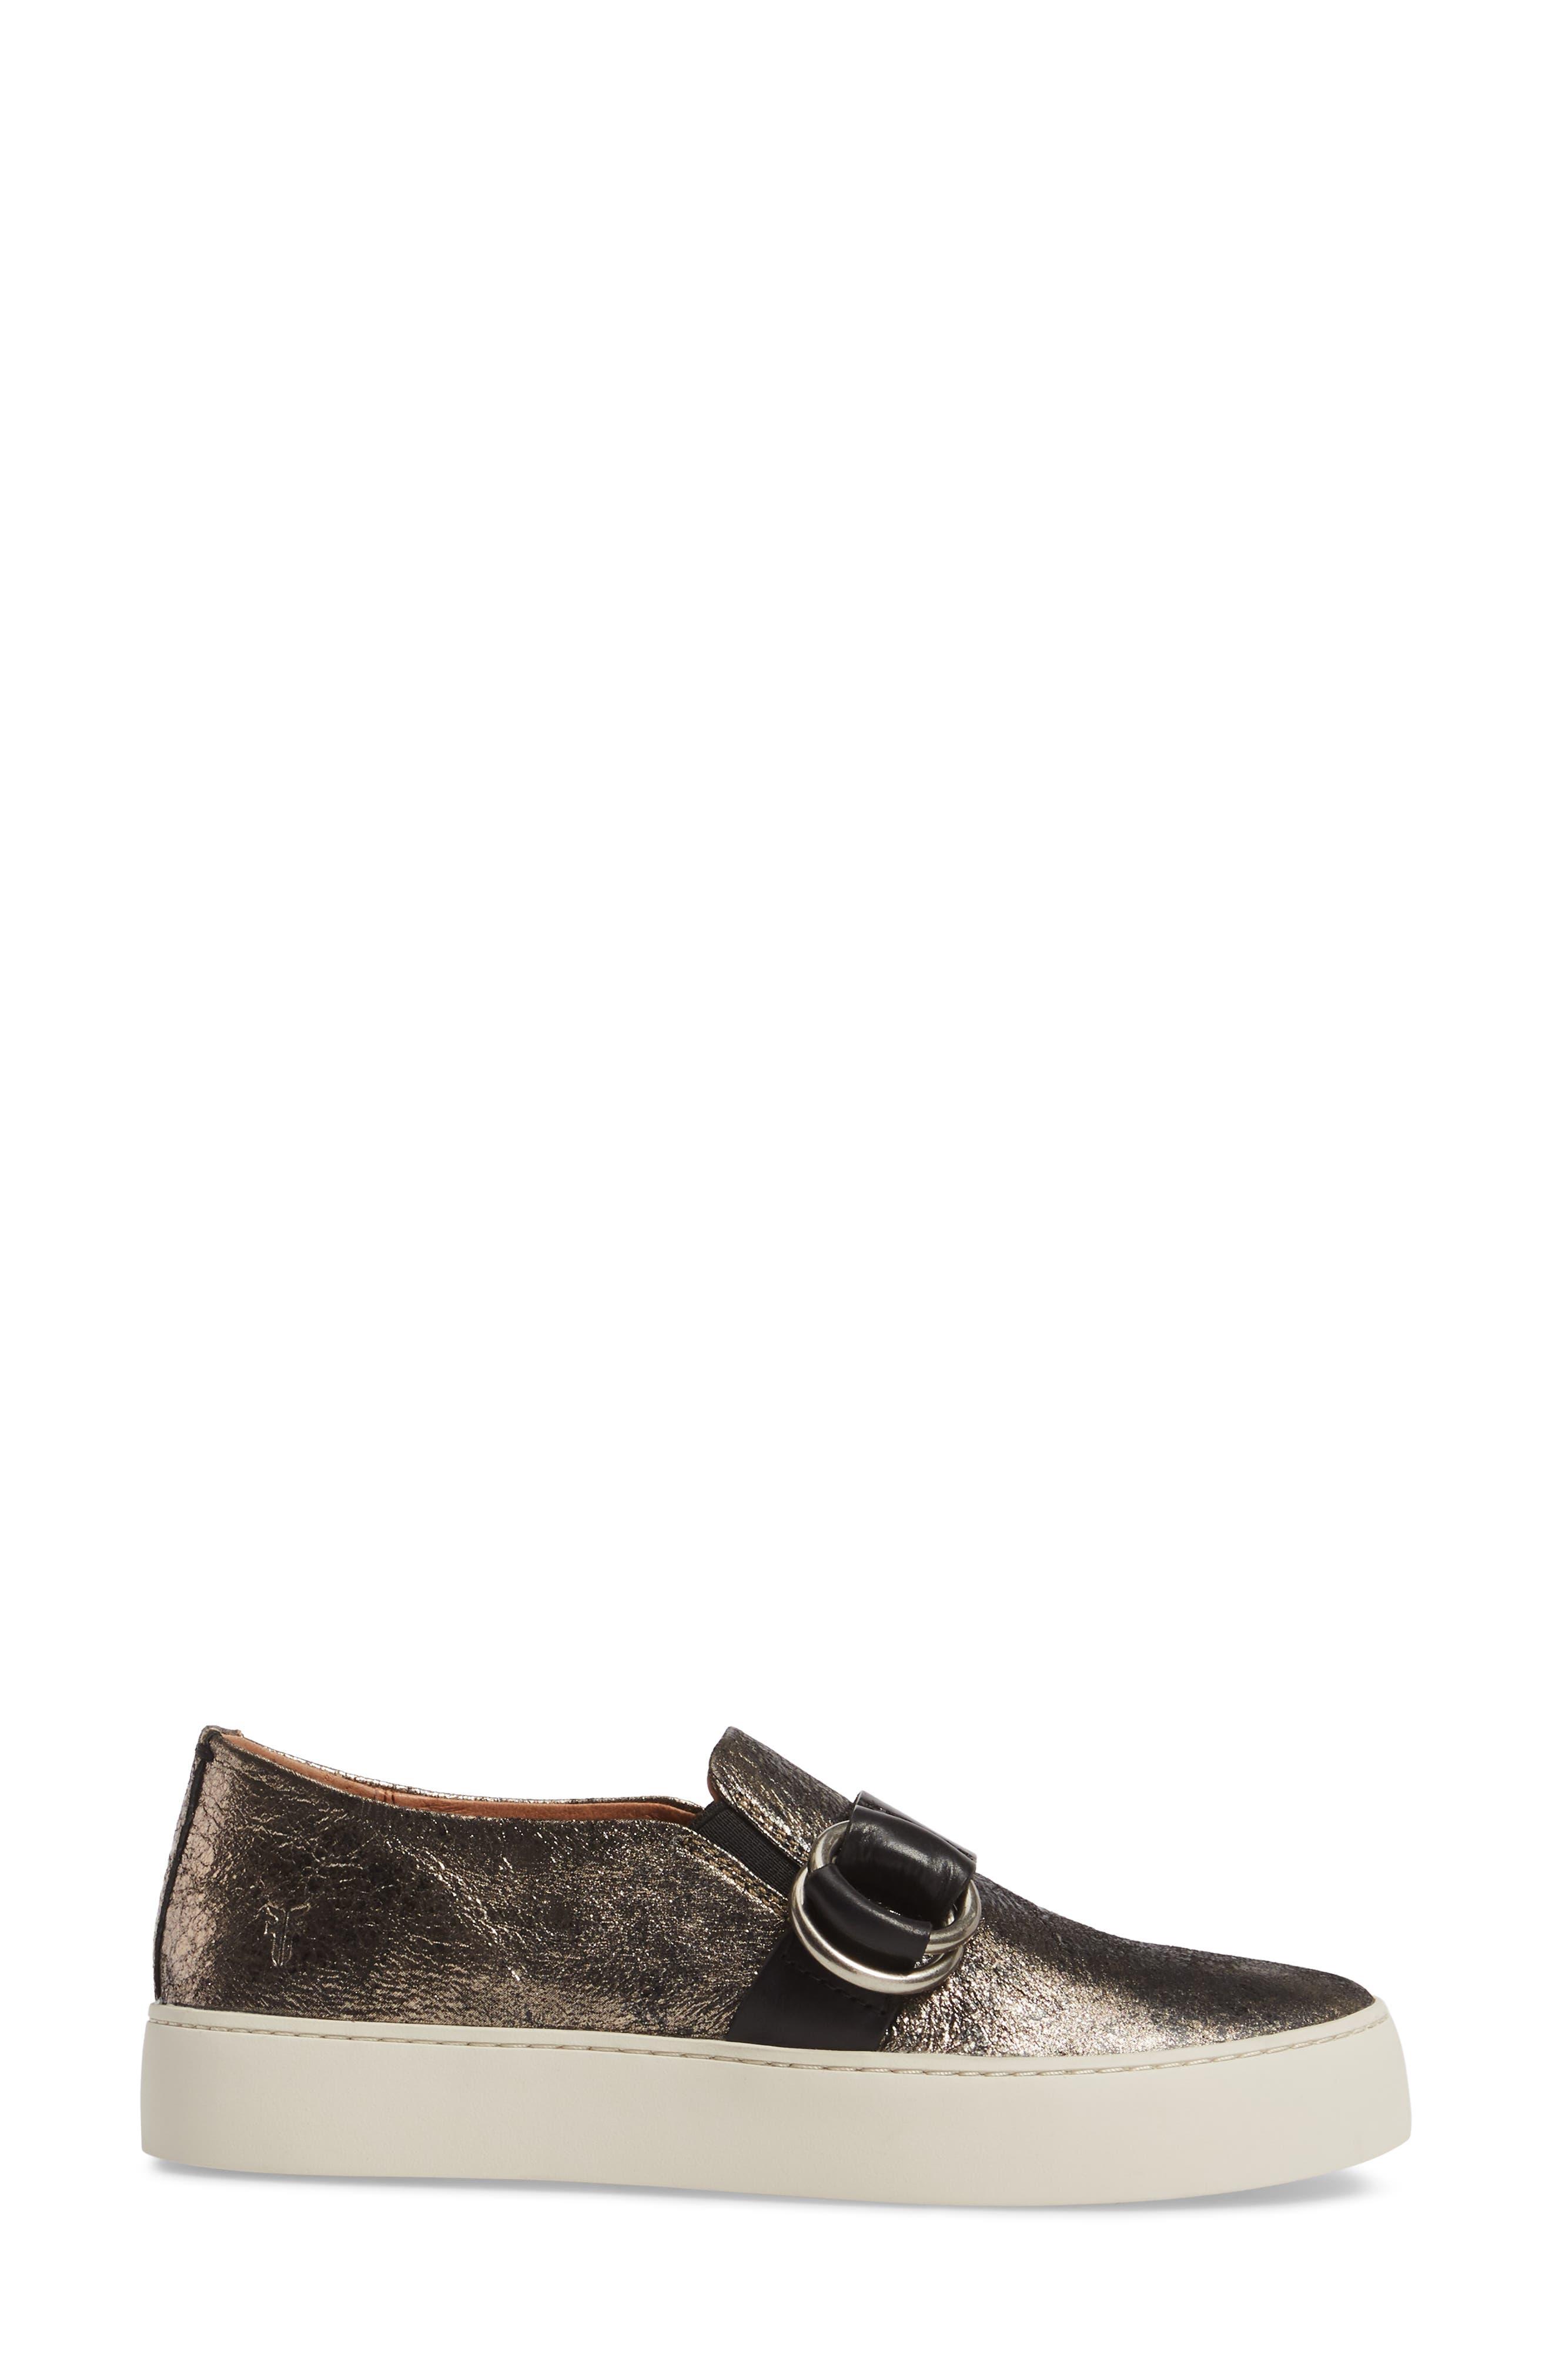 Alternate Image 3  - Frye Lena Harness Slip-On Sneaker (Women)